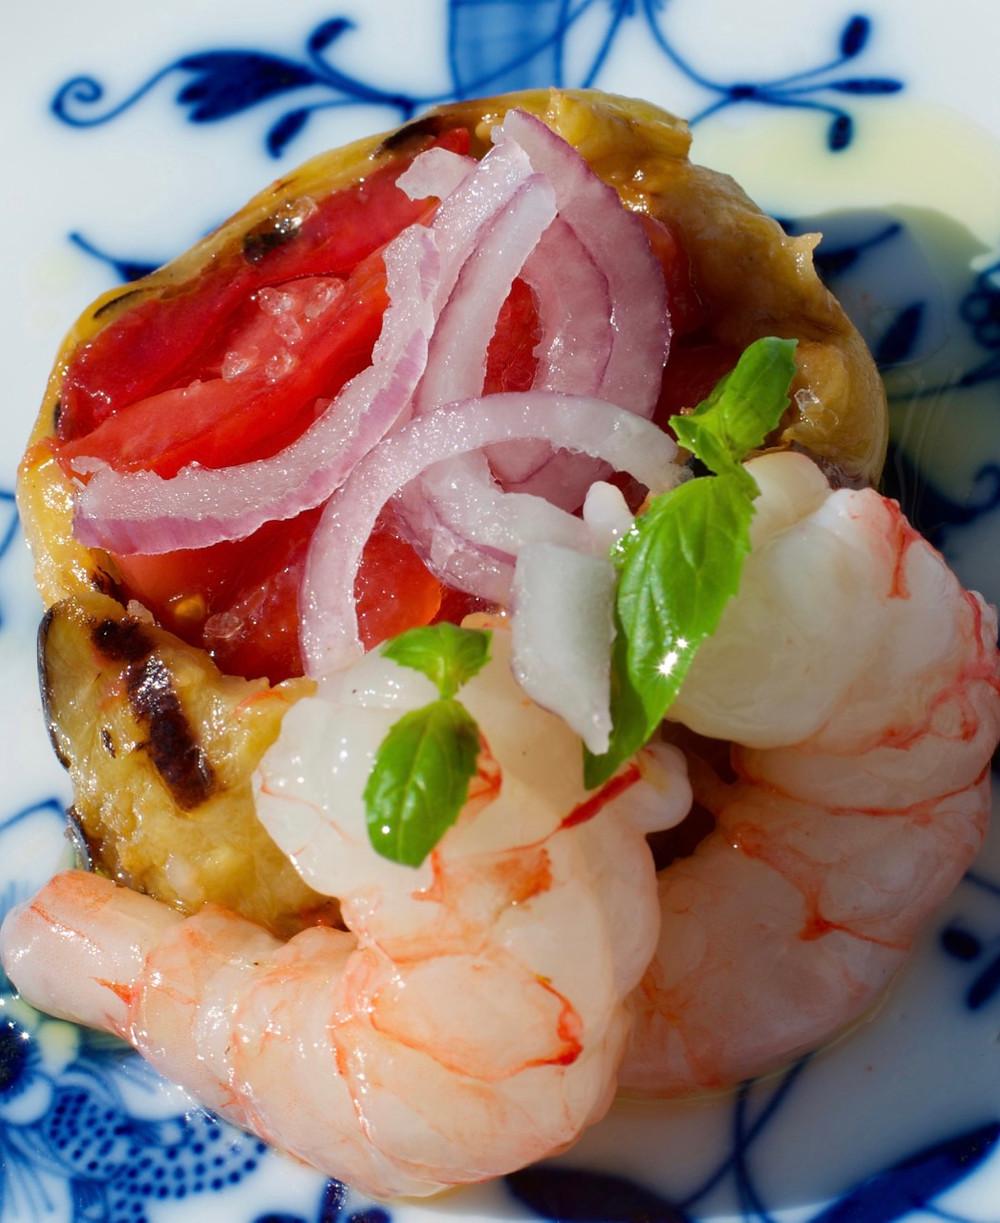 Terrina di pomodori e melanzane con gamberi al vapore - Tomato terrine and eggplants with prawns